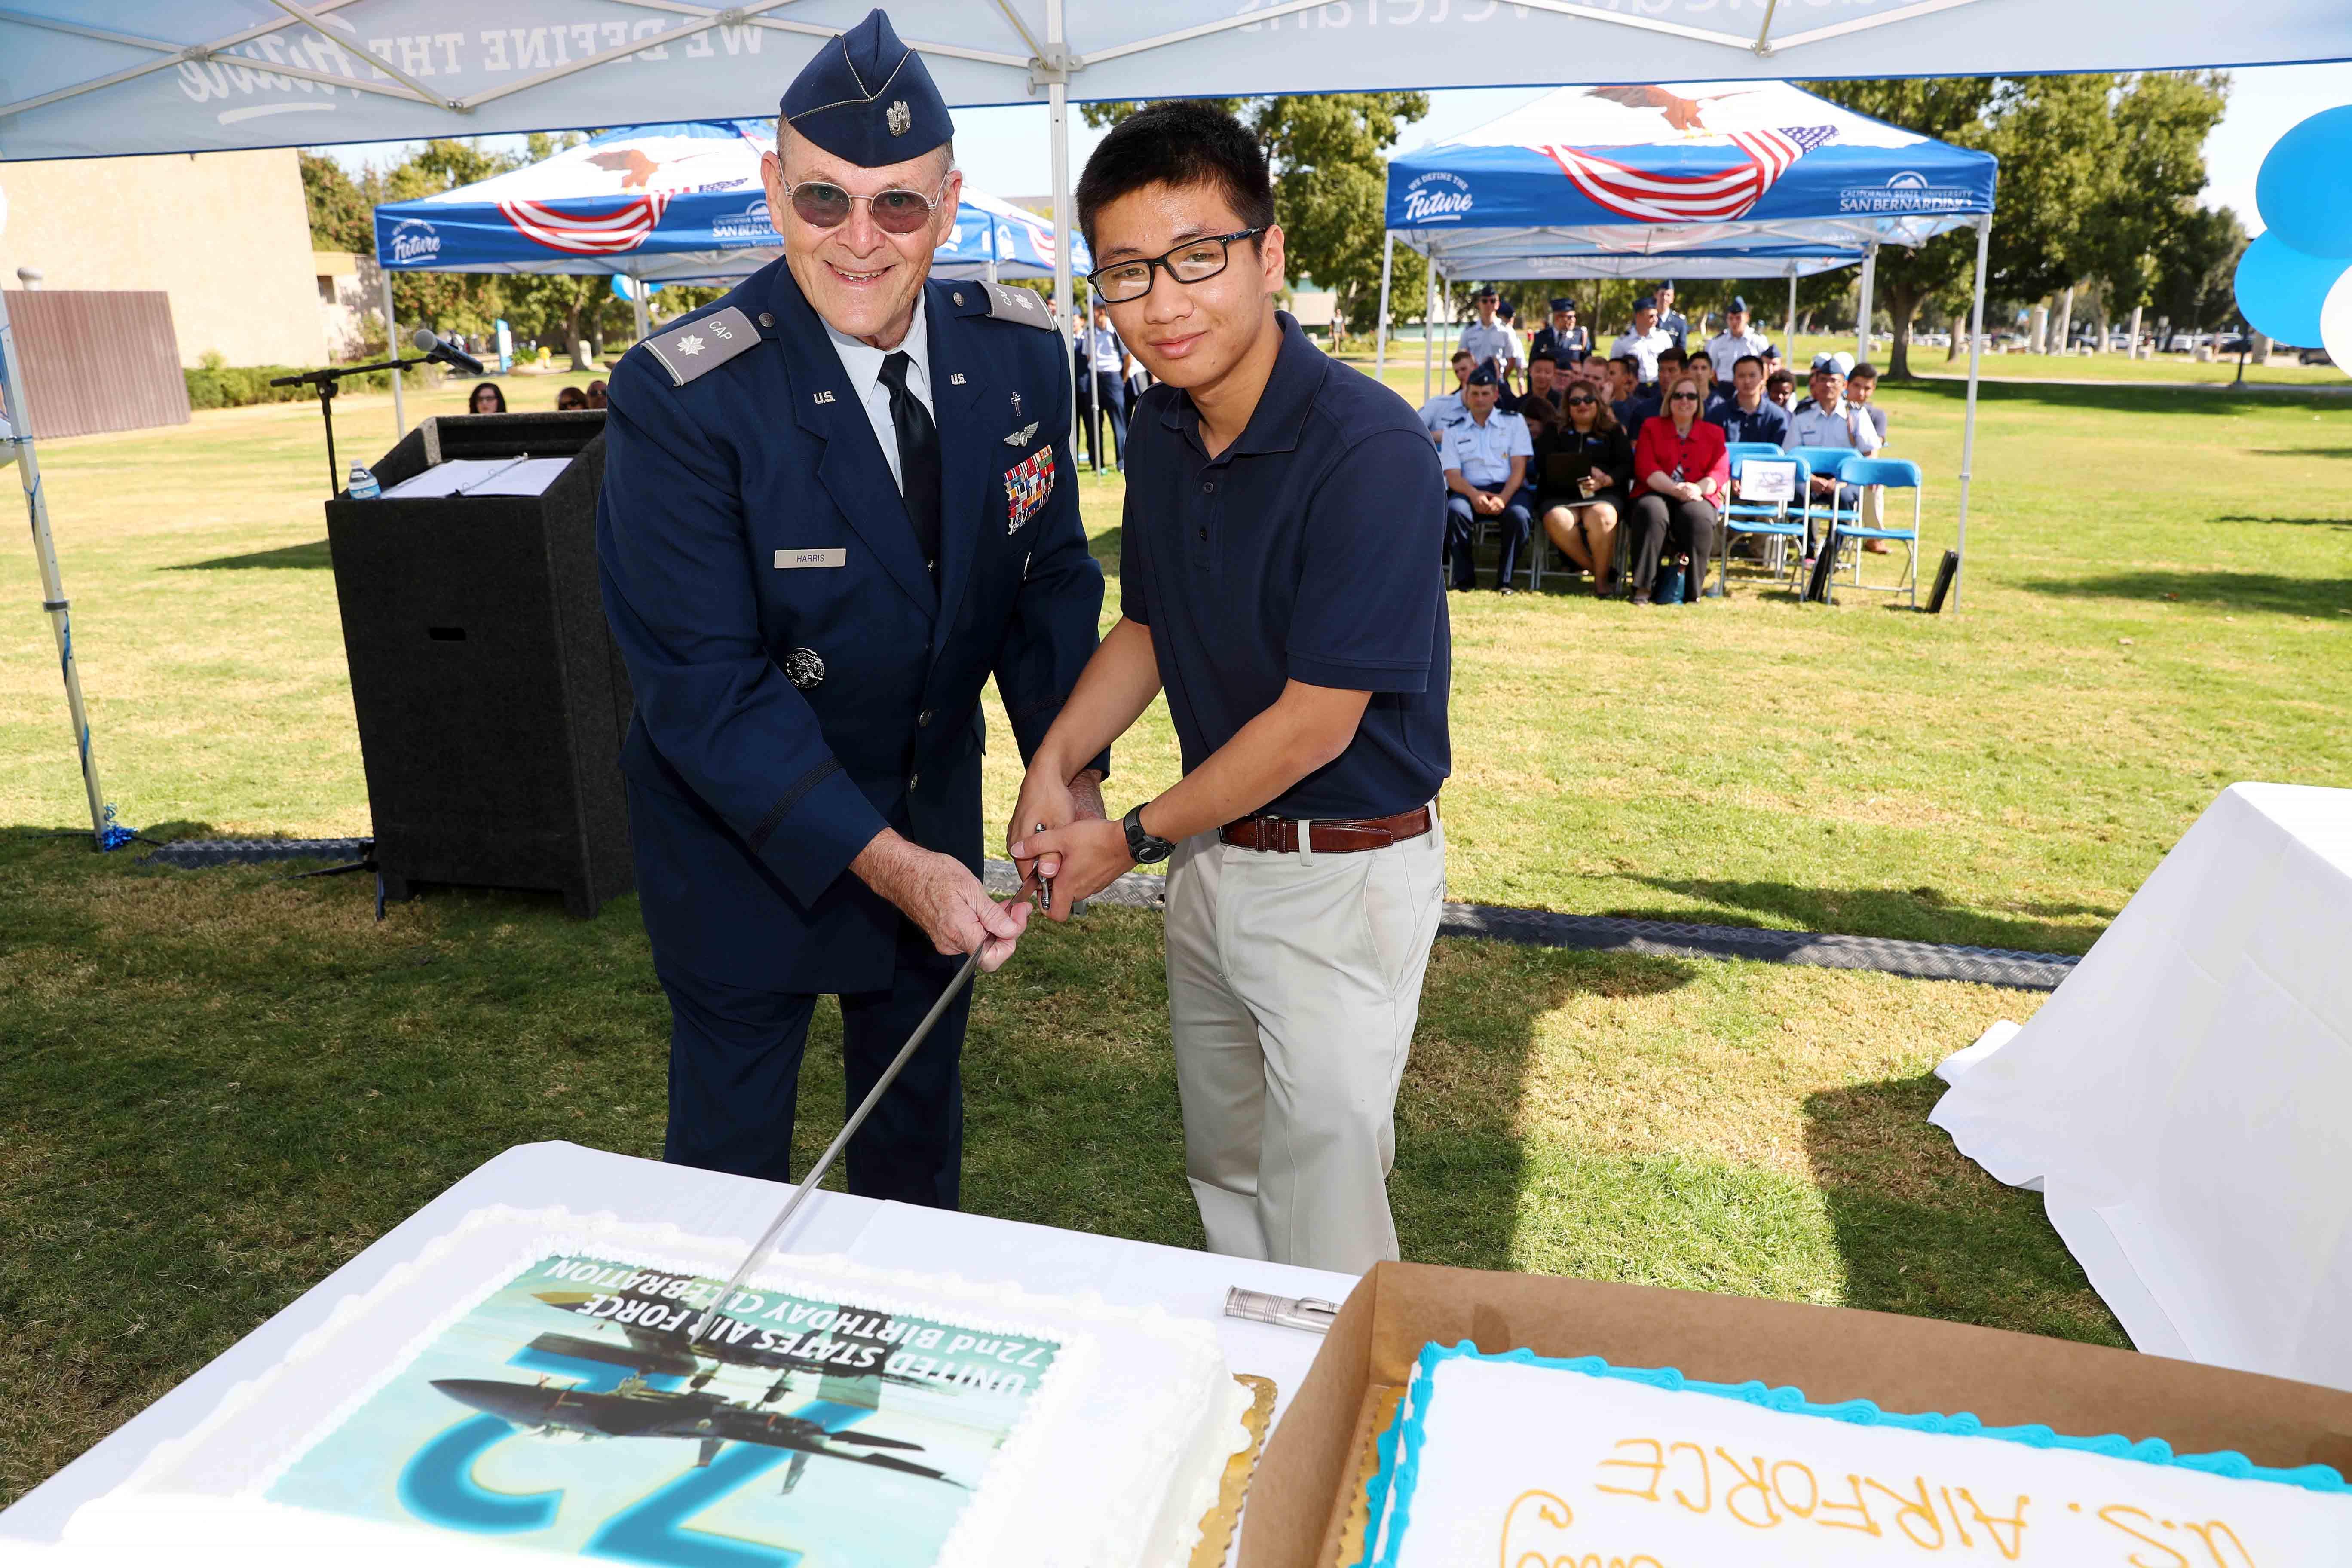 VSC USAF birthday cake cutting